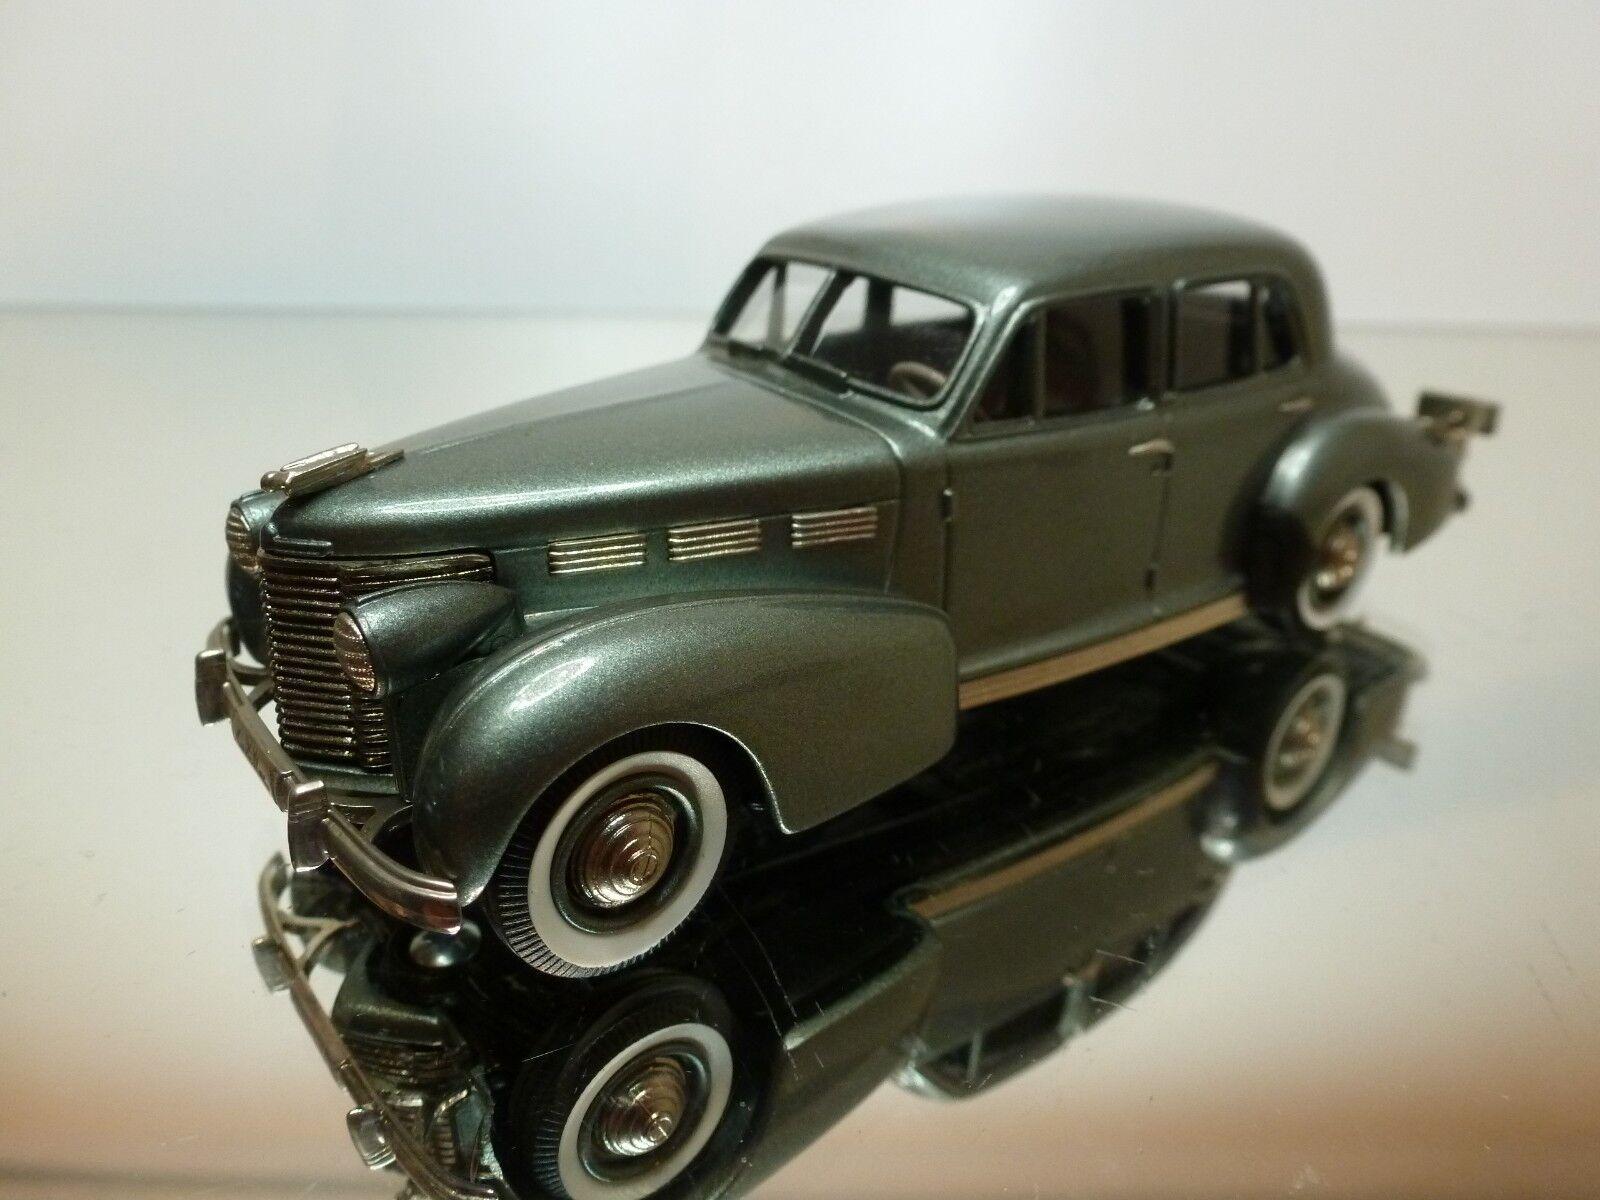 mejor oferta BROOKLIN BROOKLIN BROOKLIN MODELS CADILLAC 60 SPECIAL 1938 - gris 1 43 - EXCELLENT CONDITION - 6  almacén al por mayor